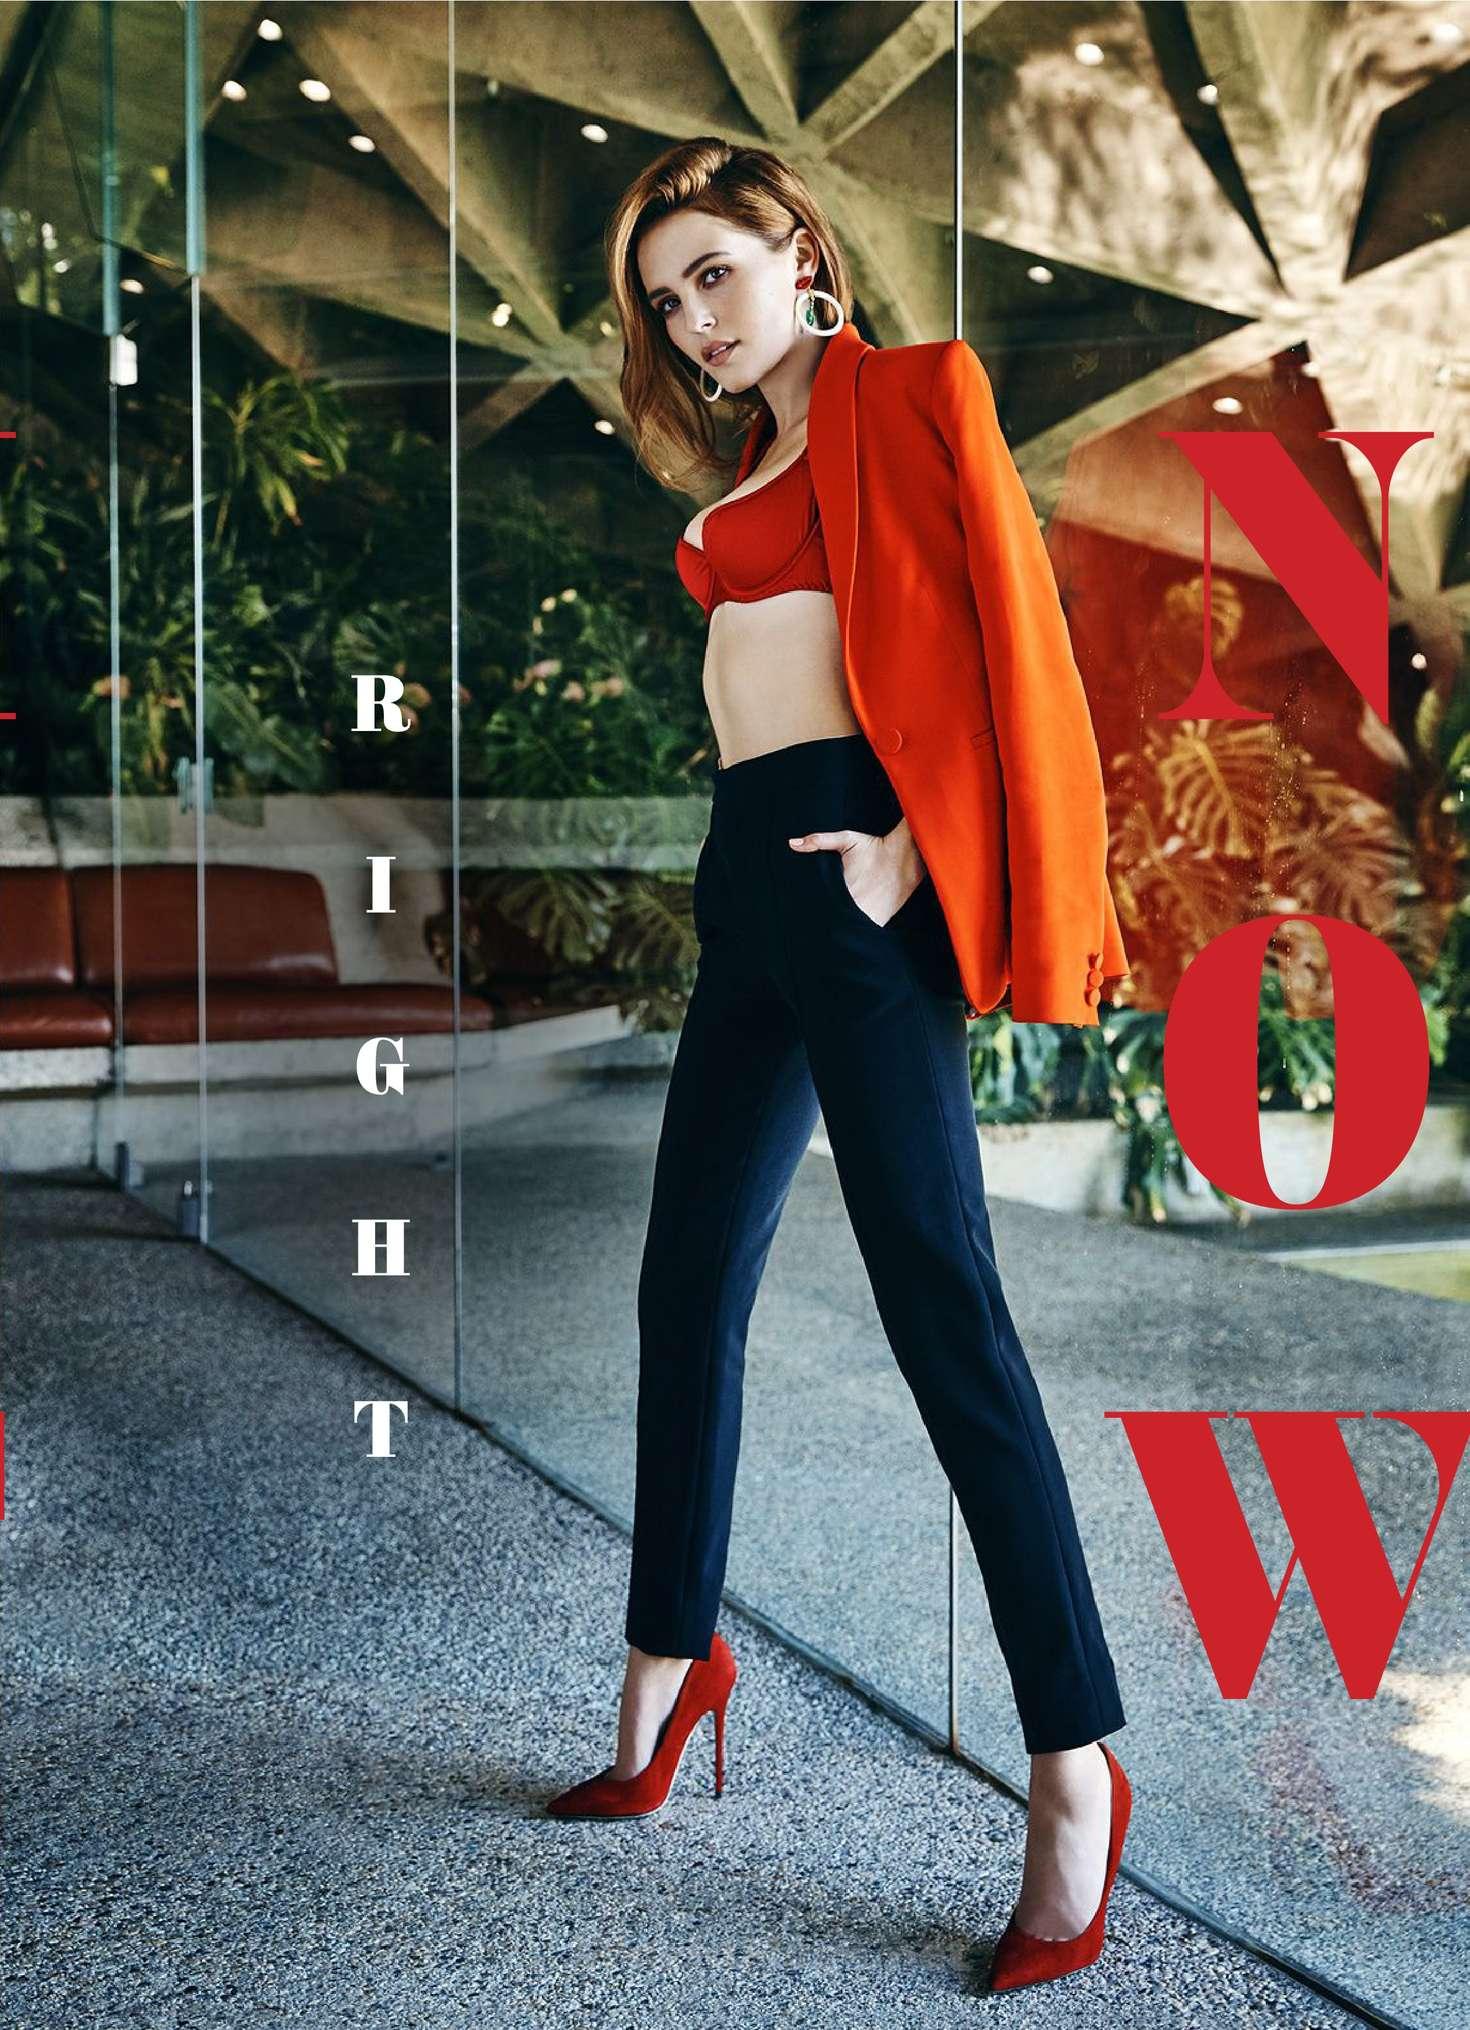 Zoey Deutch 2016 : Zoey Deutch: Cosmopolitan Magazine 2016 -13